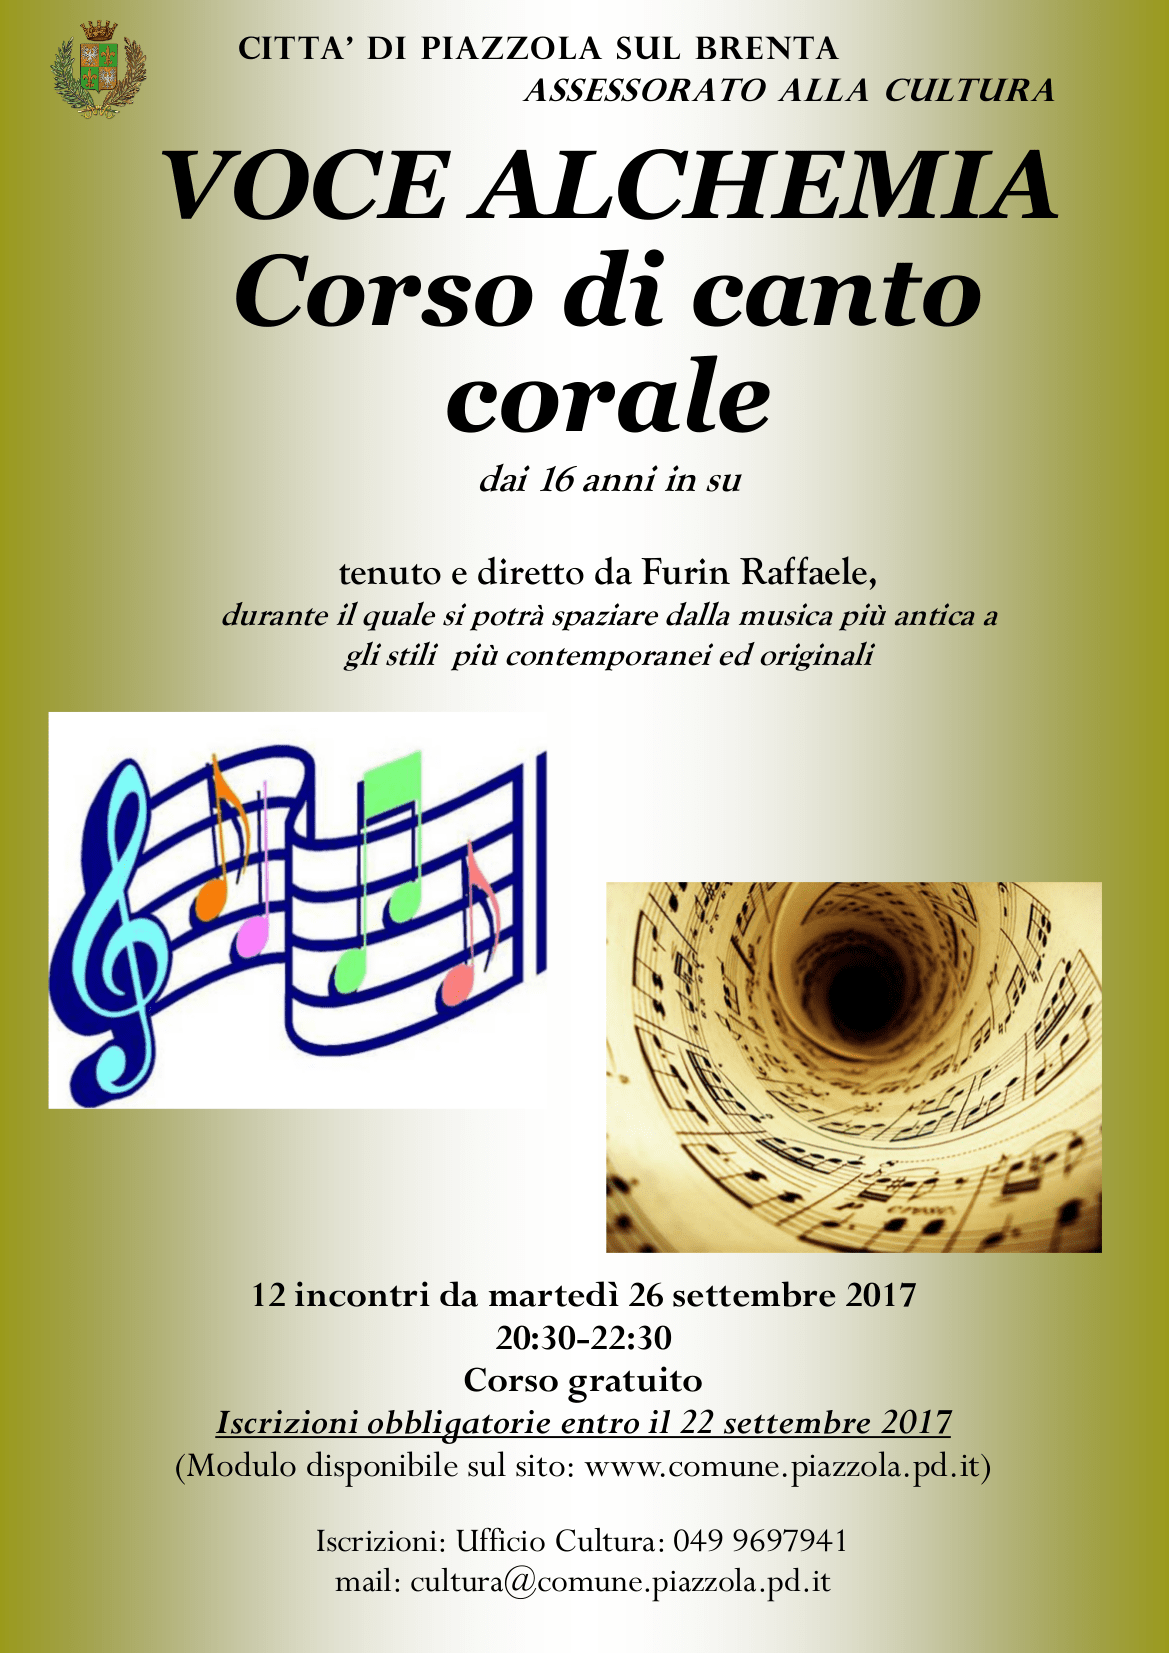 Corso di canto corale